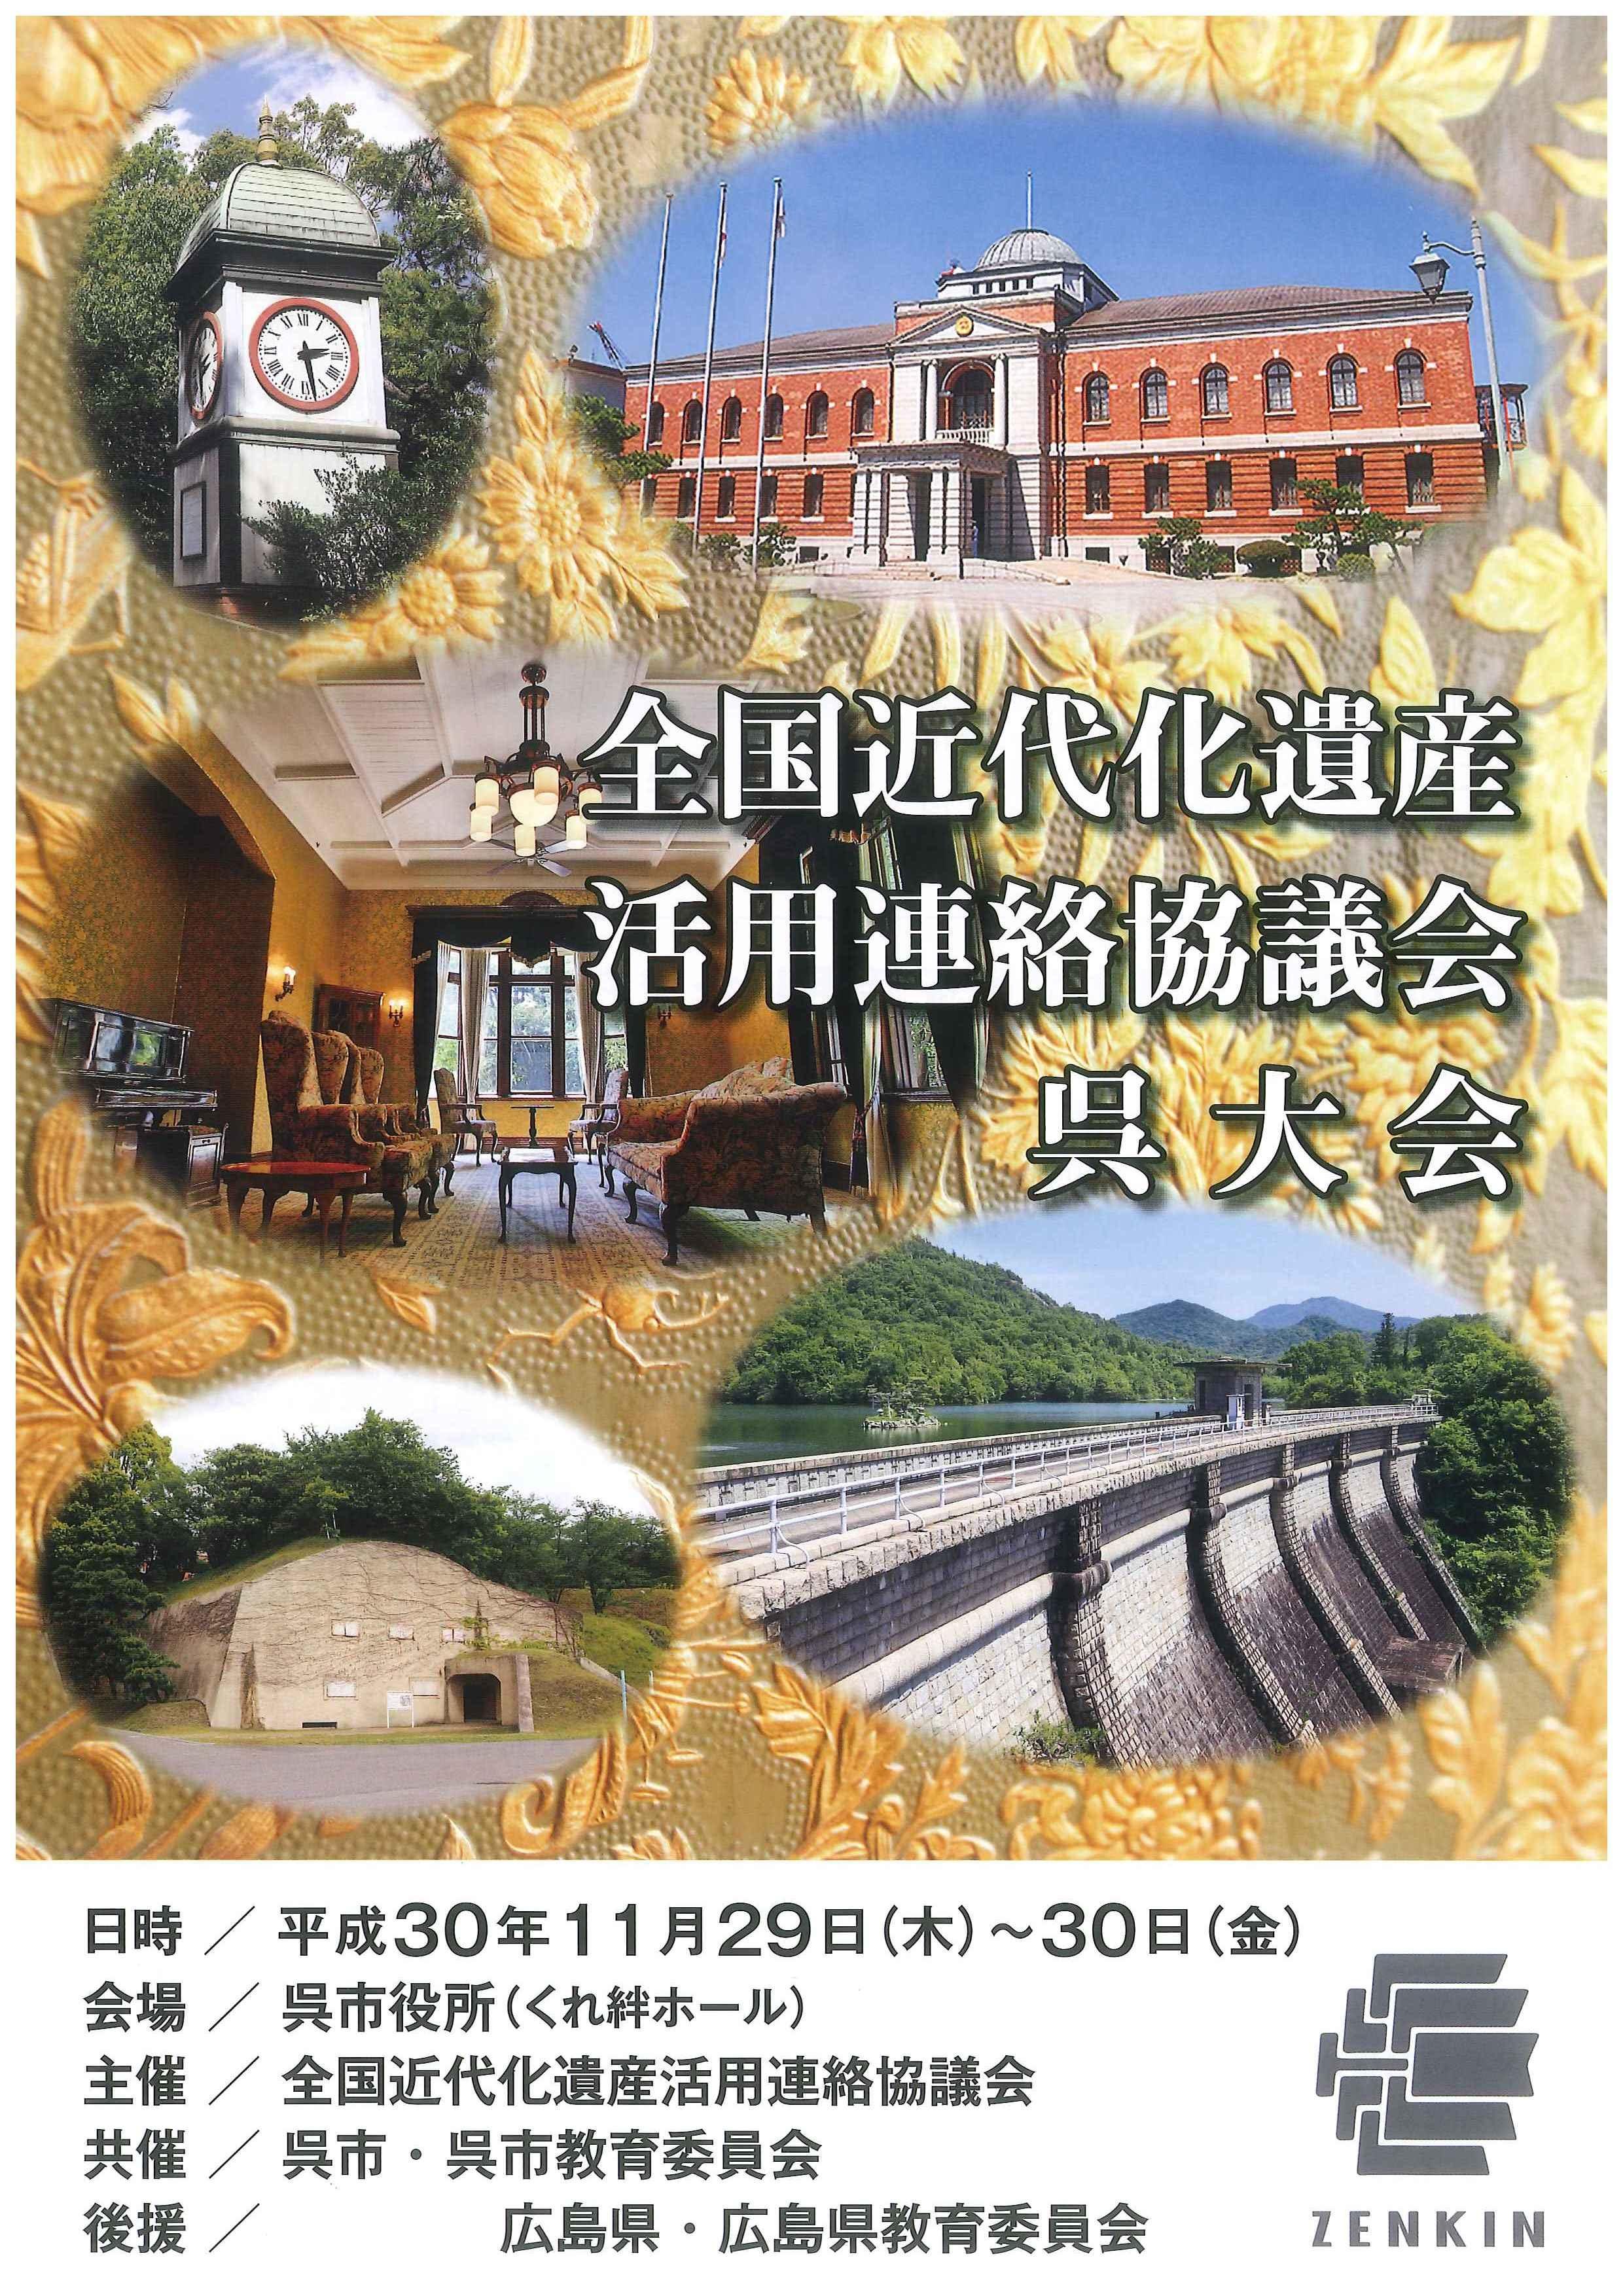 全国近代化遺産活用連絡協議会 呉大会の開催について